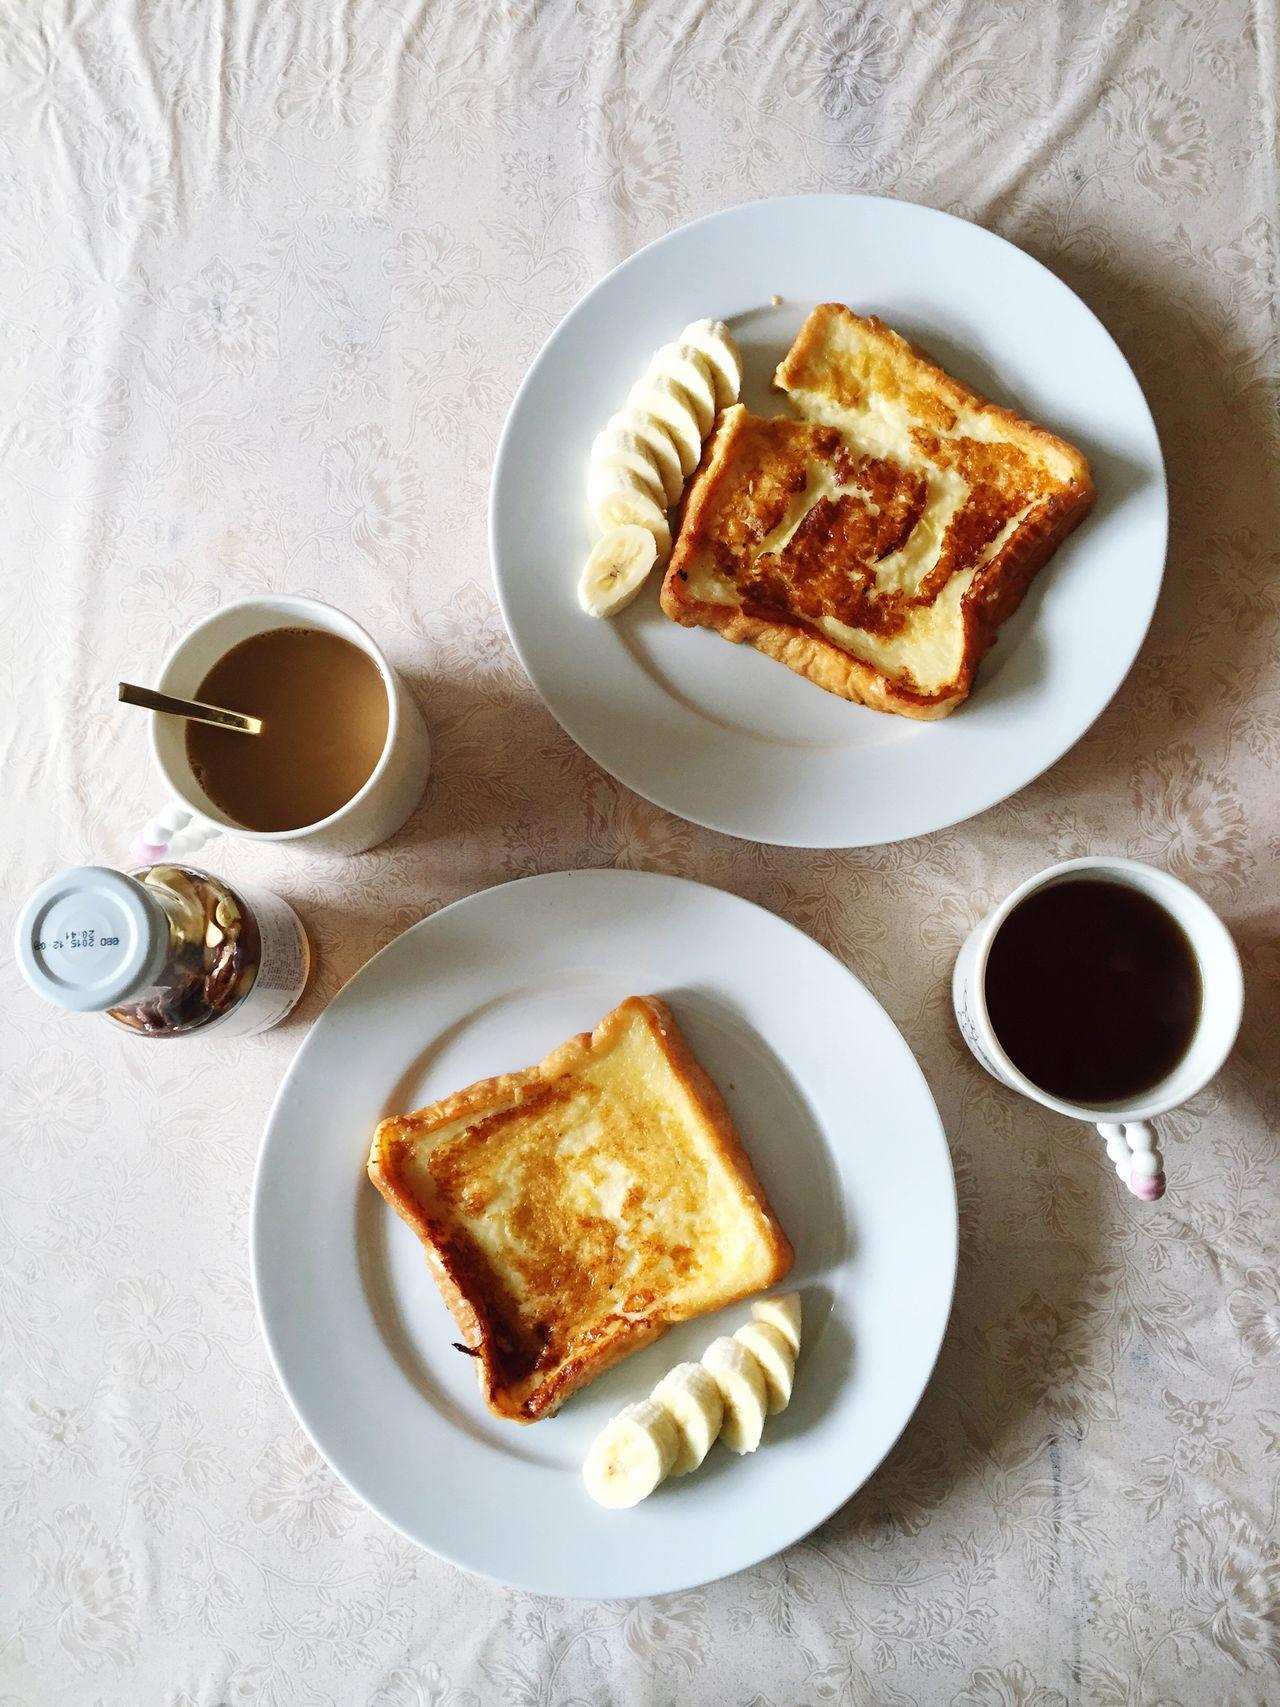 Beautiful stock photos of banana, Banana, Bread, Breakfast, Cappuccino